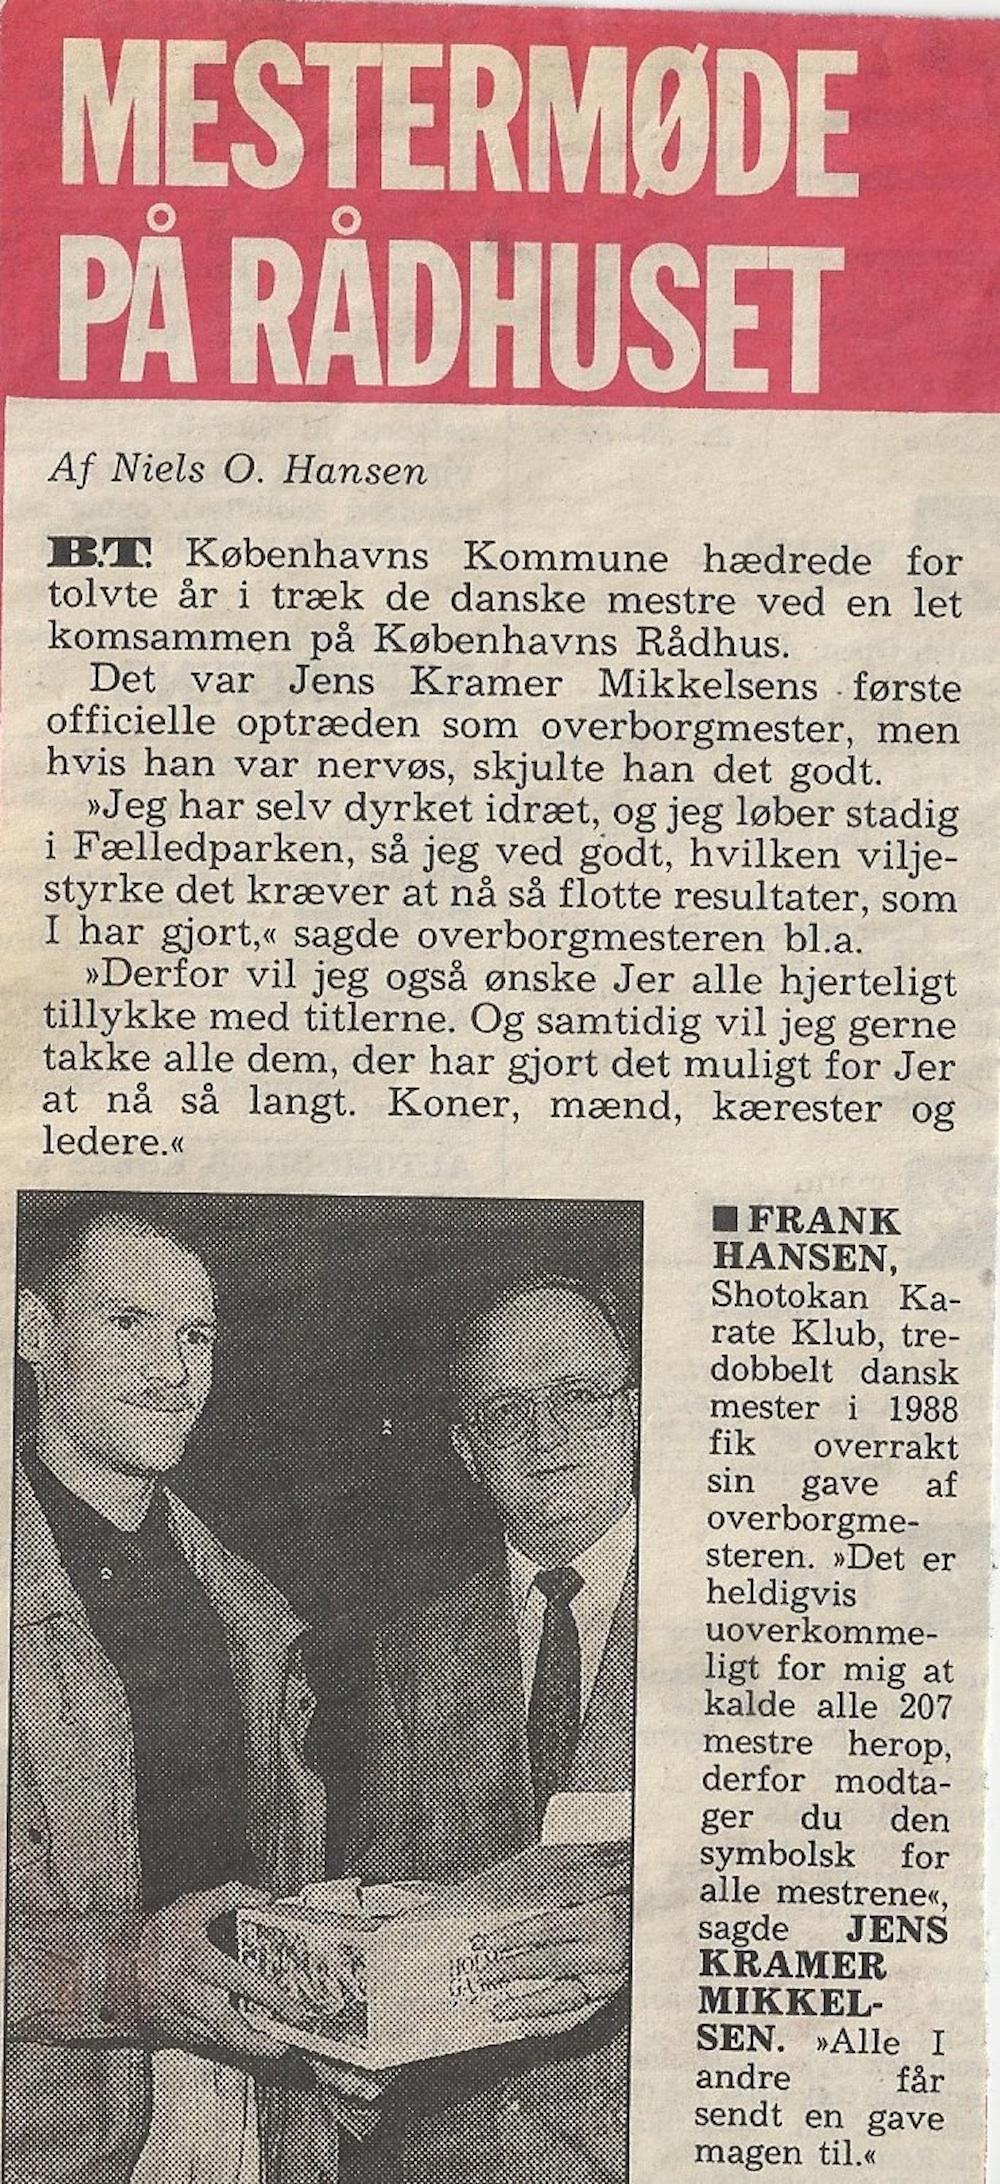 Fra et mestermøde på Rådhuset i 1989, hvor Frank Bura er blevet til Frank Hansen og mødes med Jens Krammer. Frank - uanset efternavn - modtager dog stadig hæder for sin indsats i Dansk Karate.